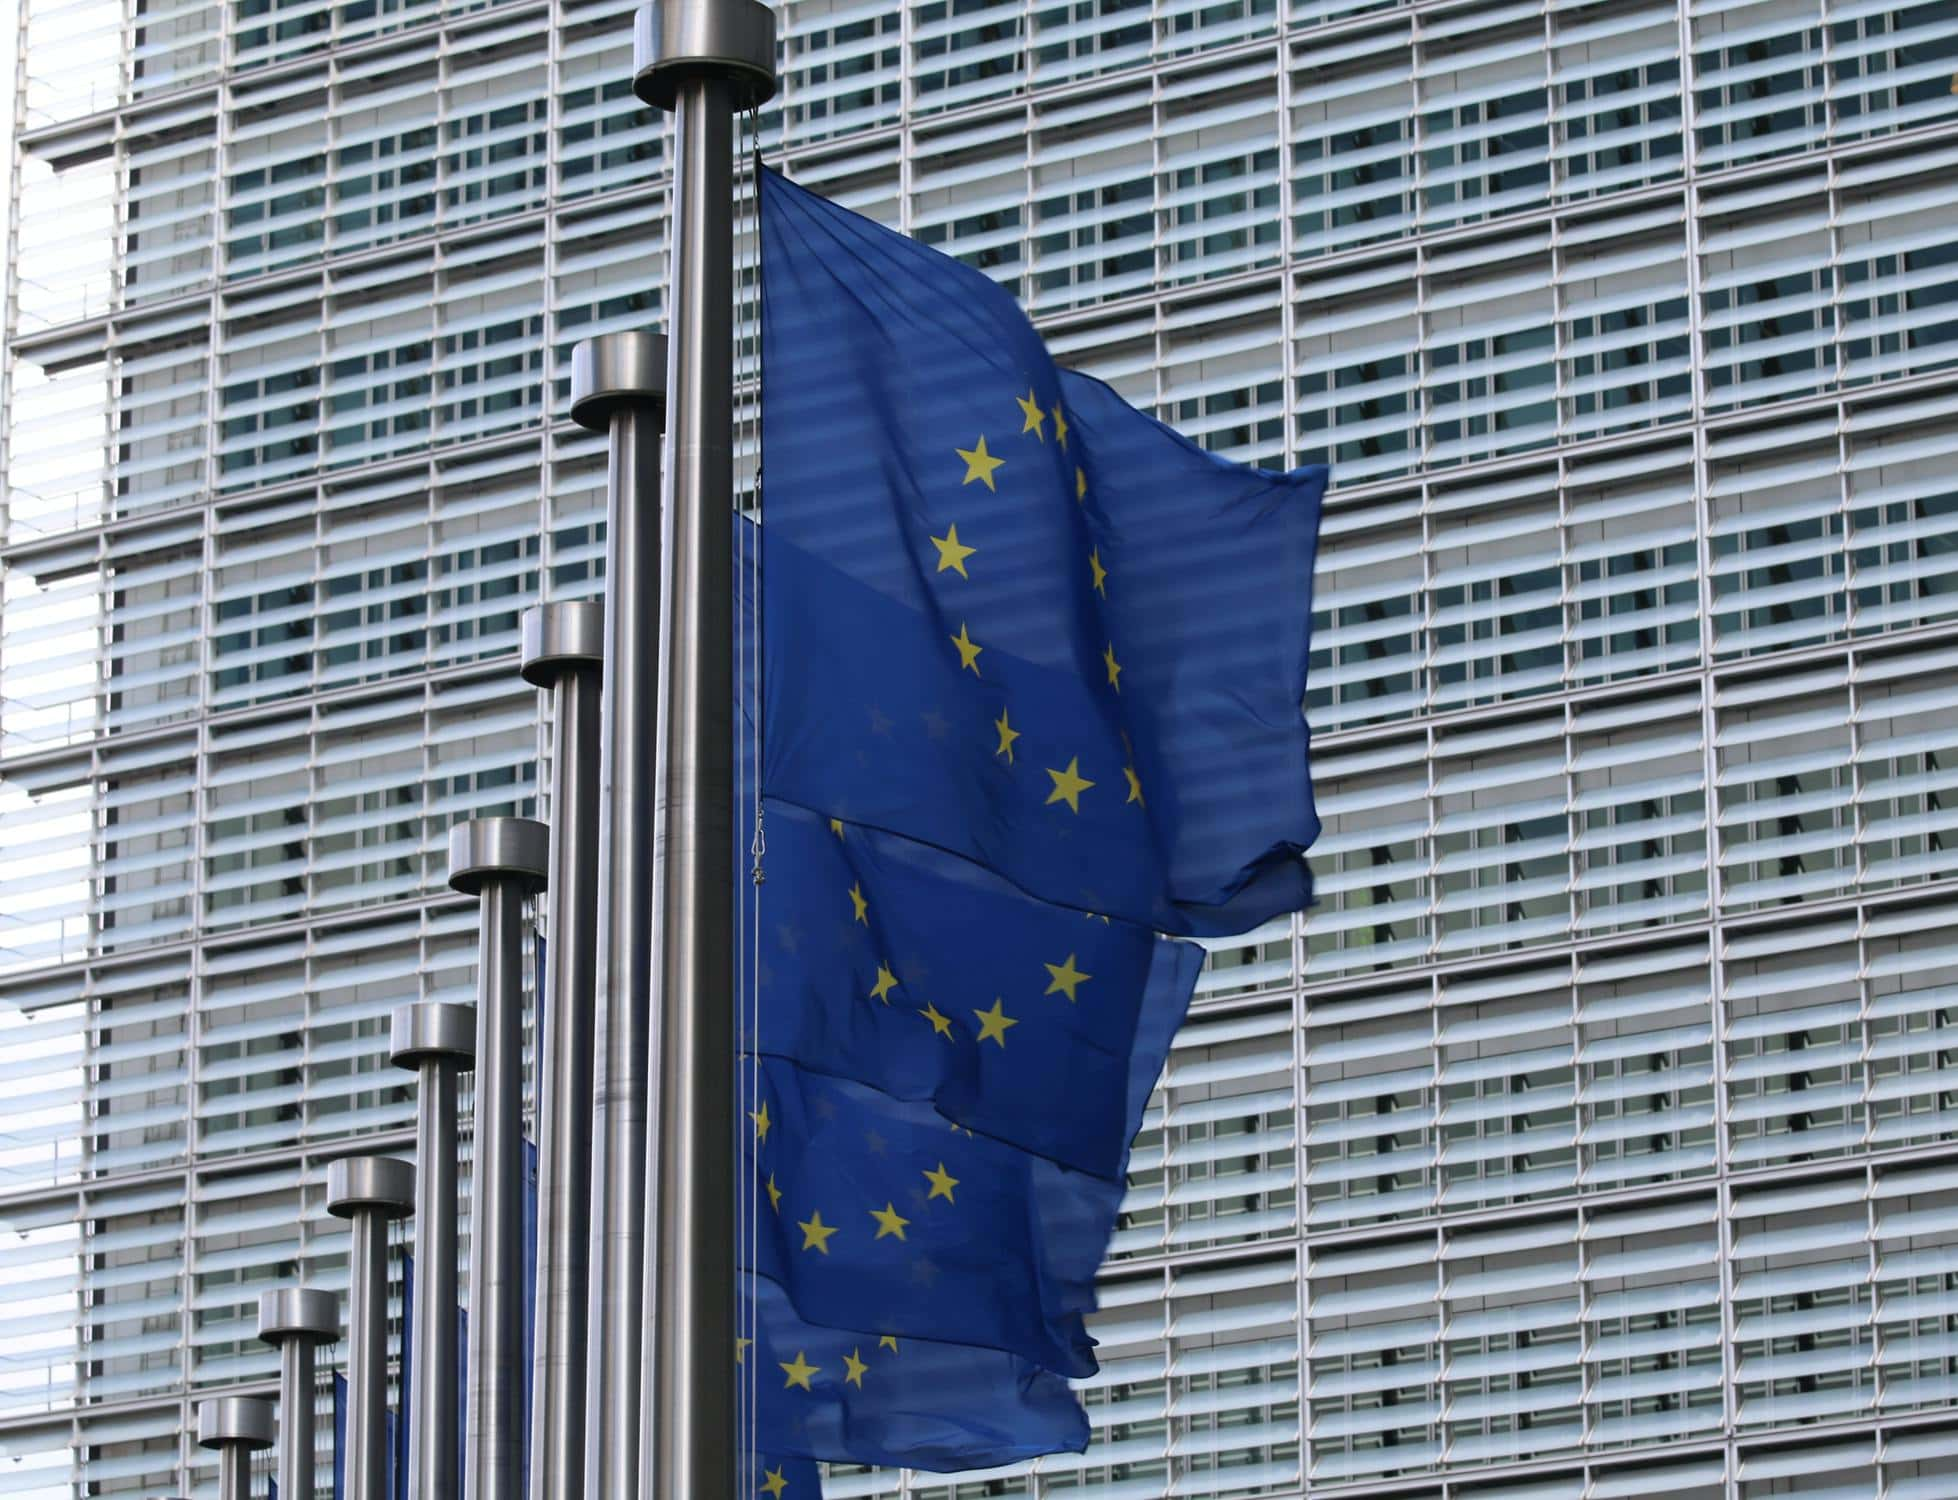 Die Wiener Netze halten sich an die Regeln der EU (von der die Flagge zu sehen ist)